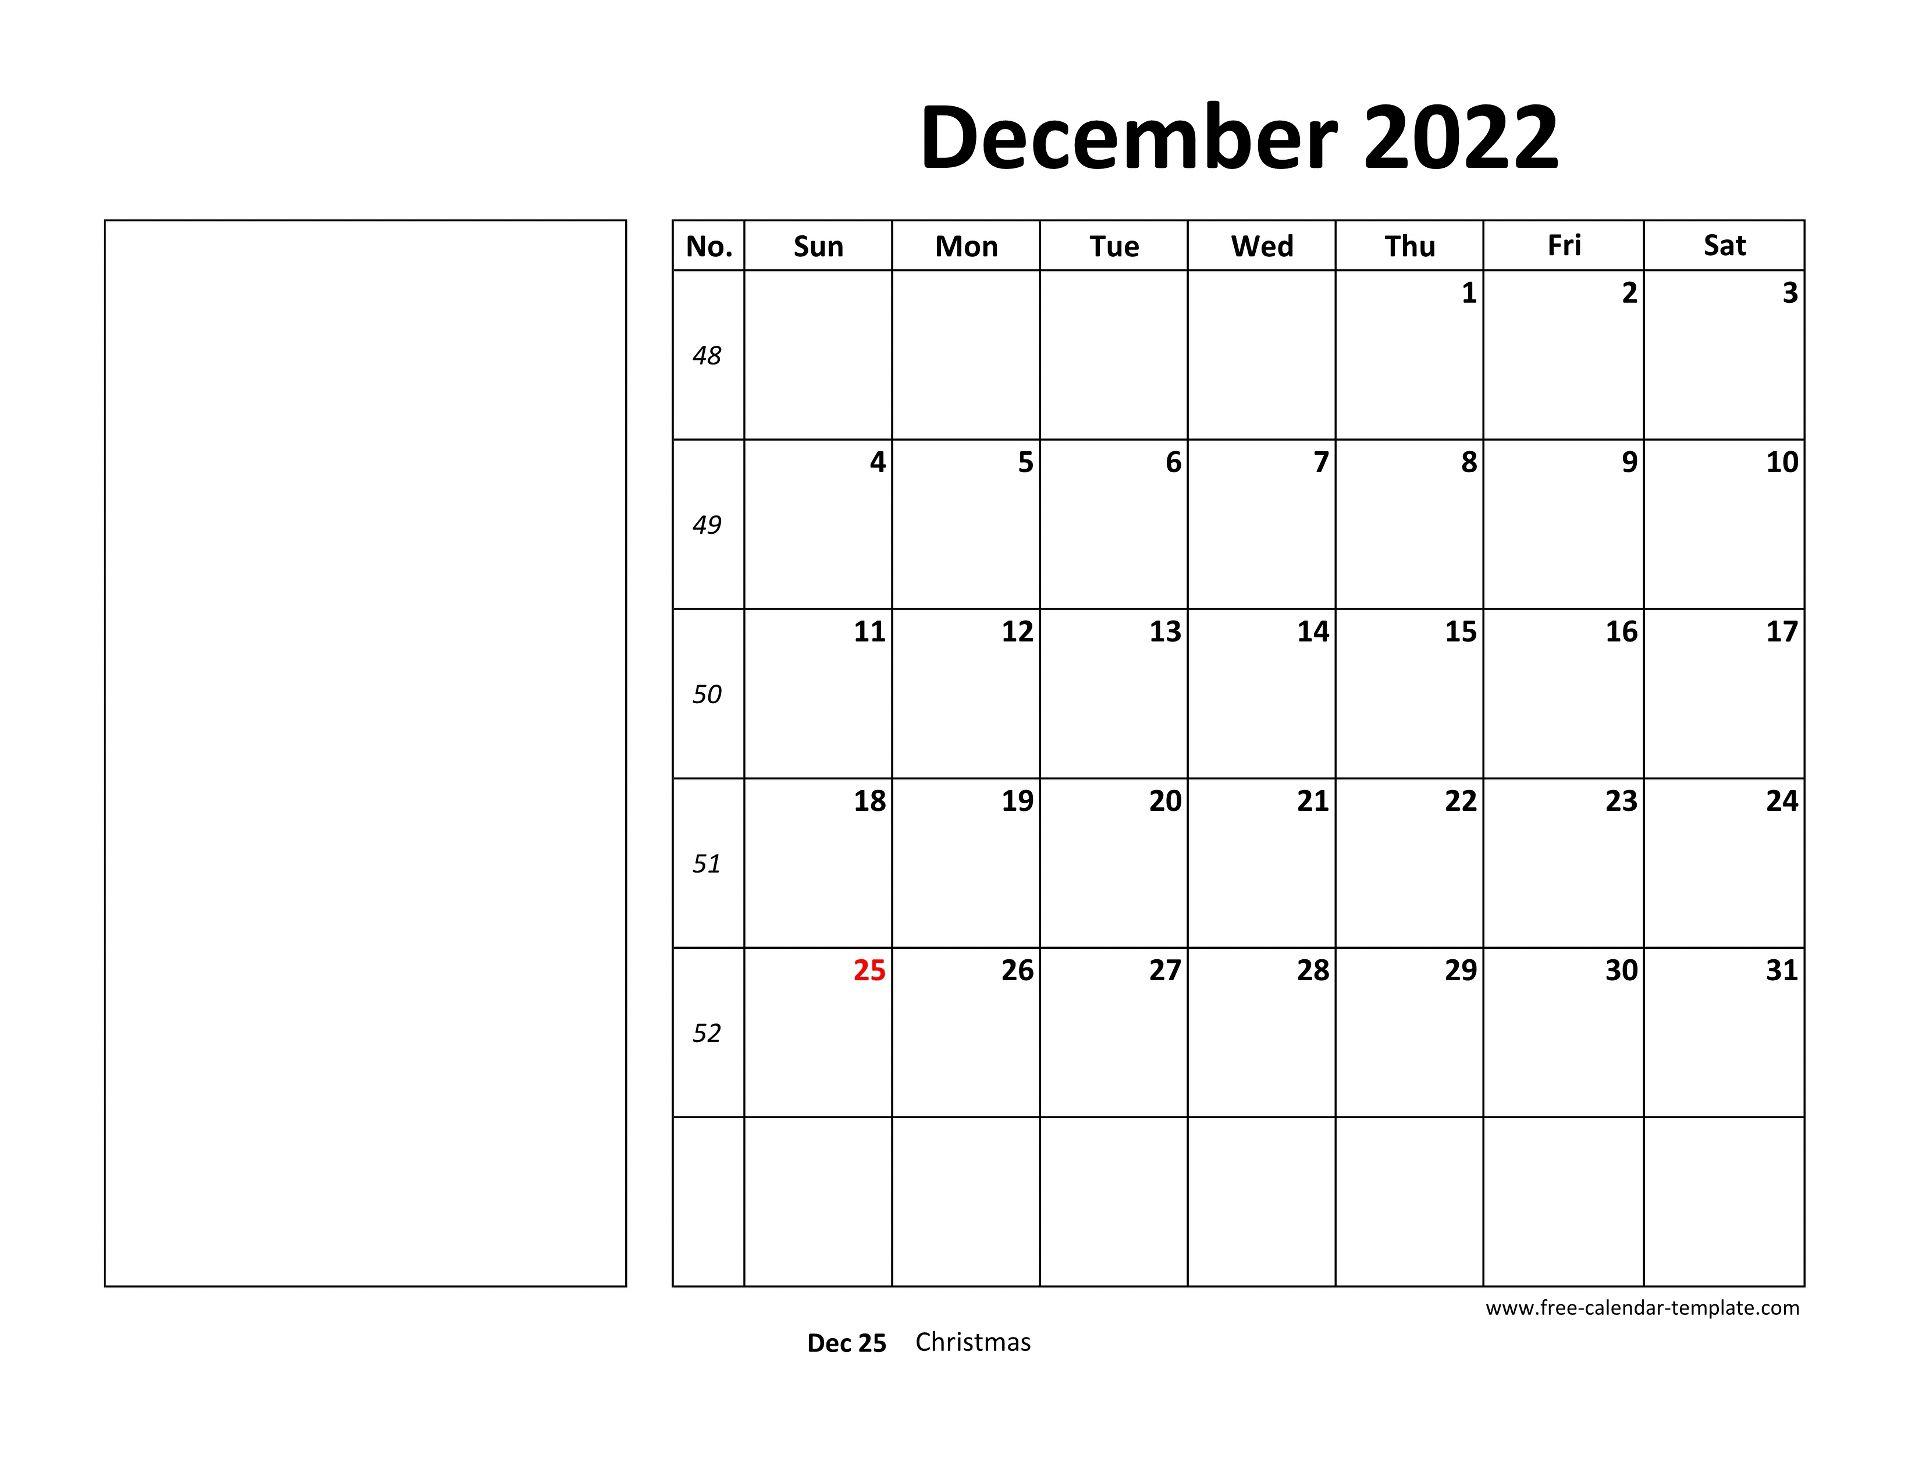 December 2022 Free Calendar Tempplate | Free-calendar ...